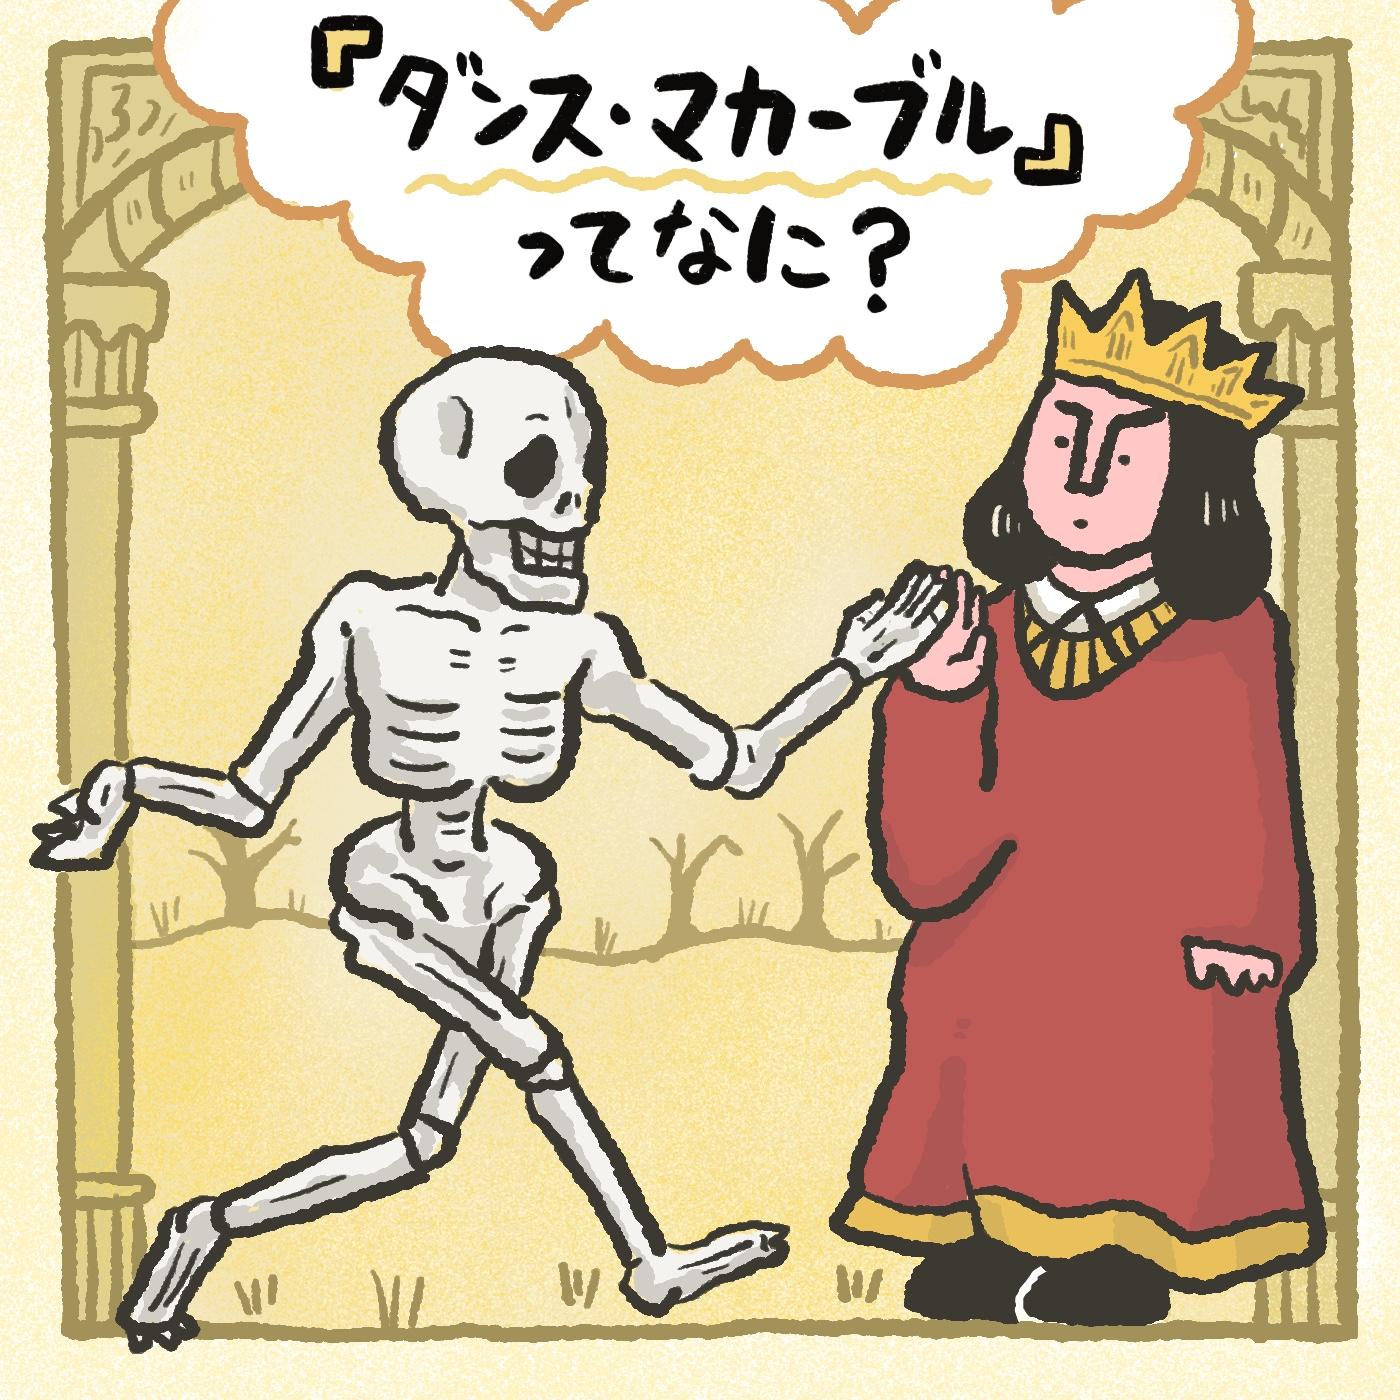 OBIKAKE ナニソレ ダンス・マカーブル 藤野遼太